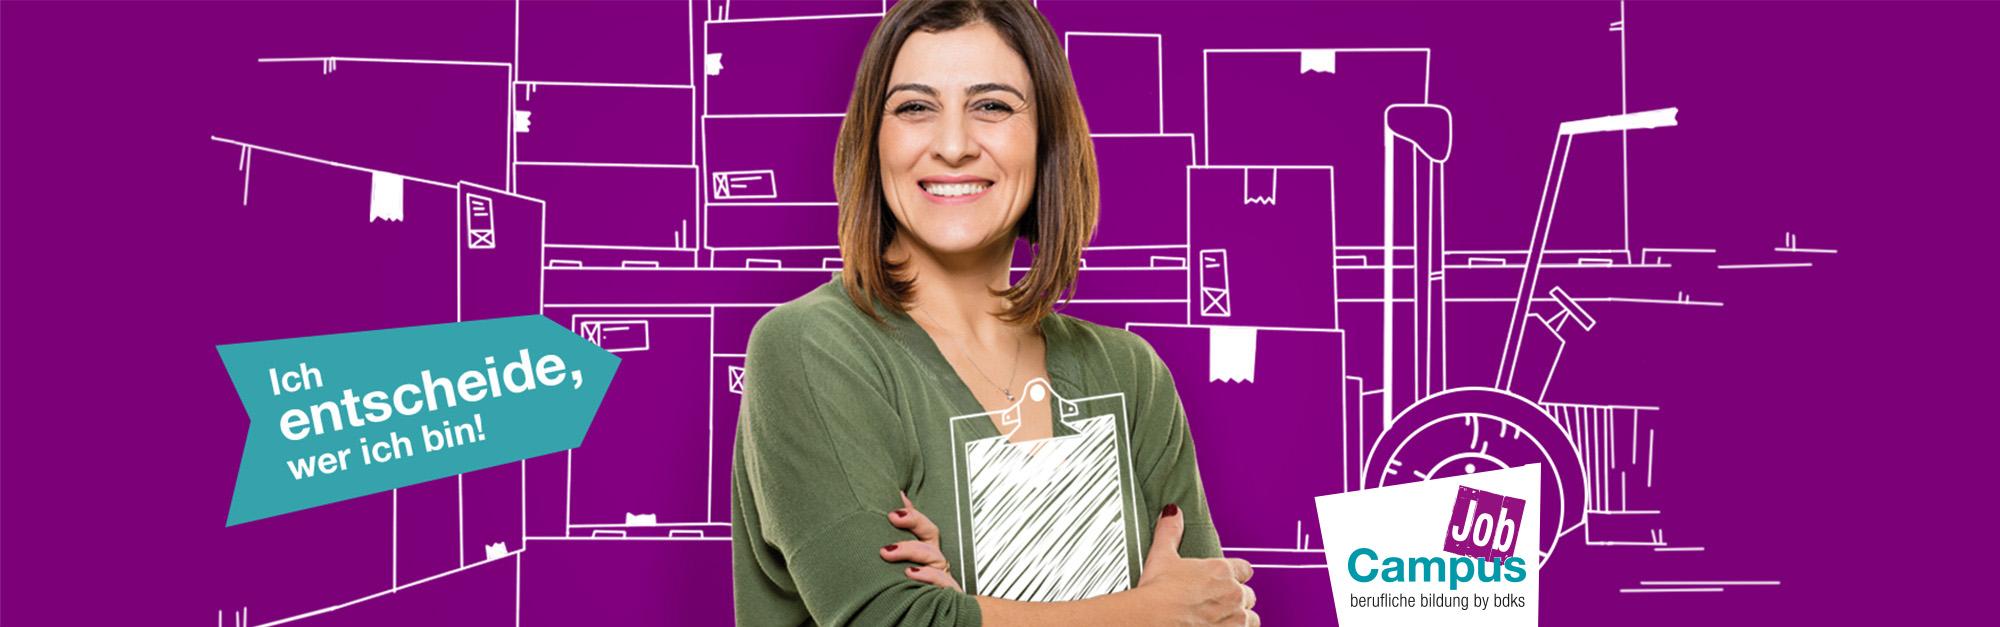 Key Visual bdks JobCampus Vermarktungskampagne